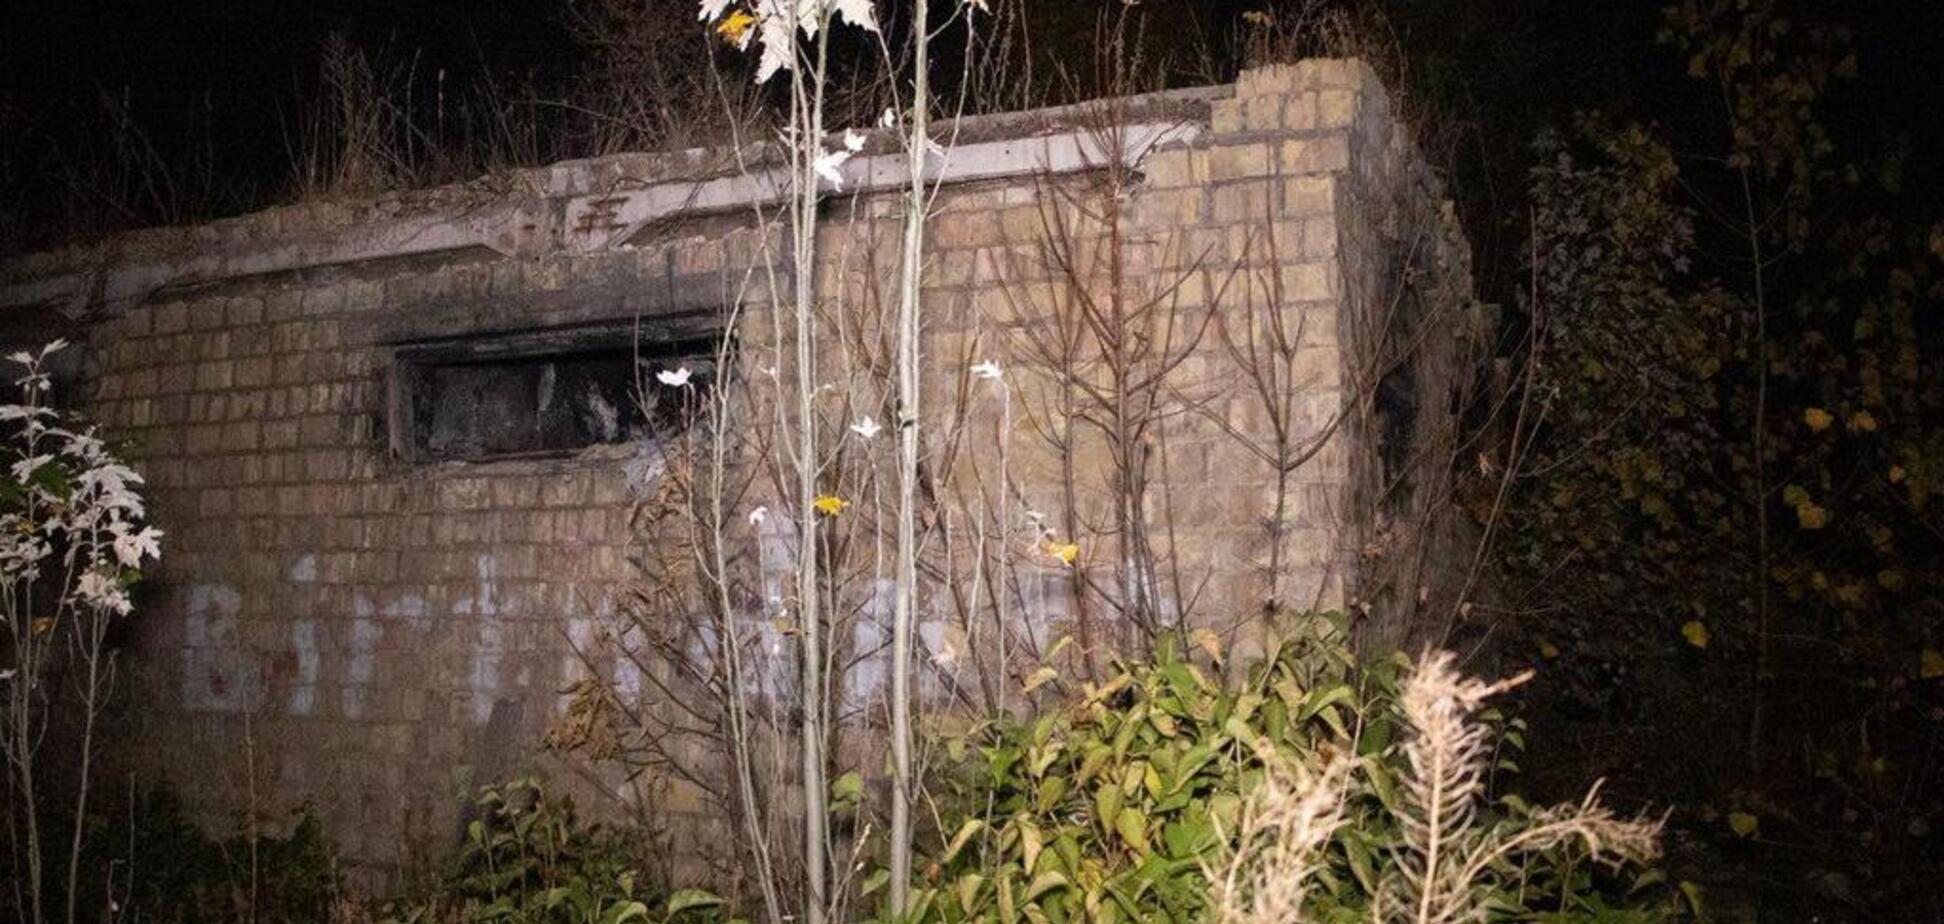 В Киеве в туалете на стадионе нашли мертвого мужчину: появились детали